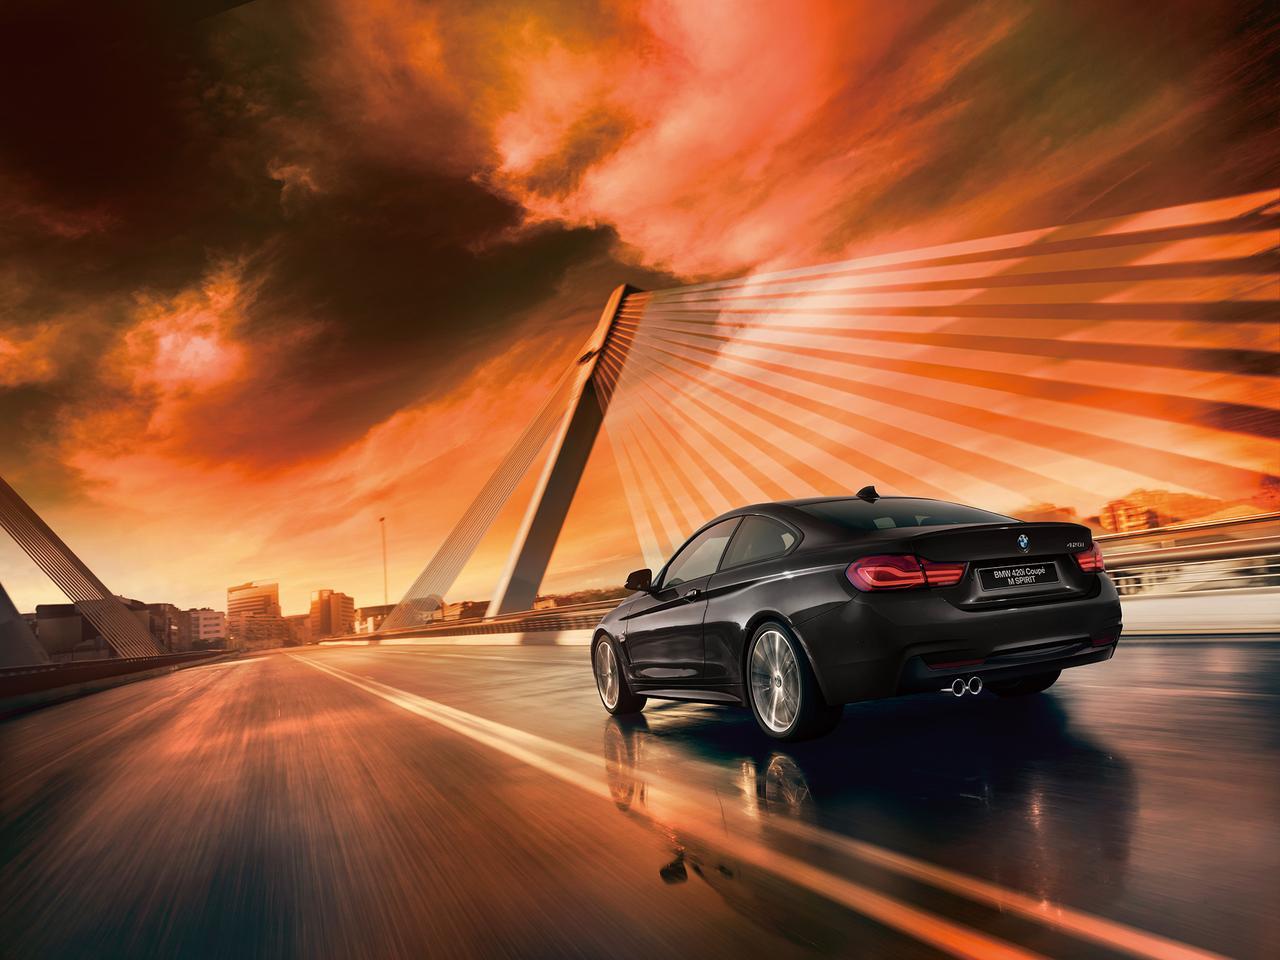 【ニュース】BMW 4シリーズ クーペ/グランクーペの特別仕様「M Spirit」が登場